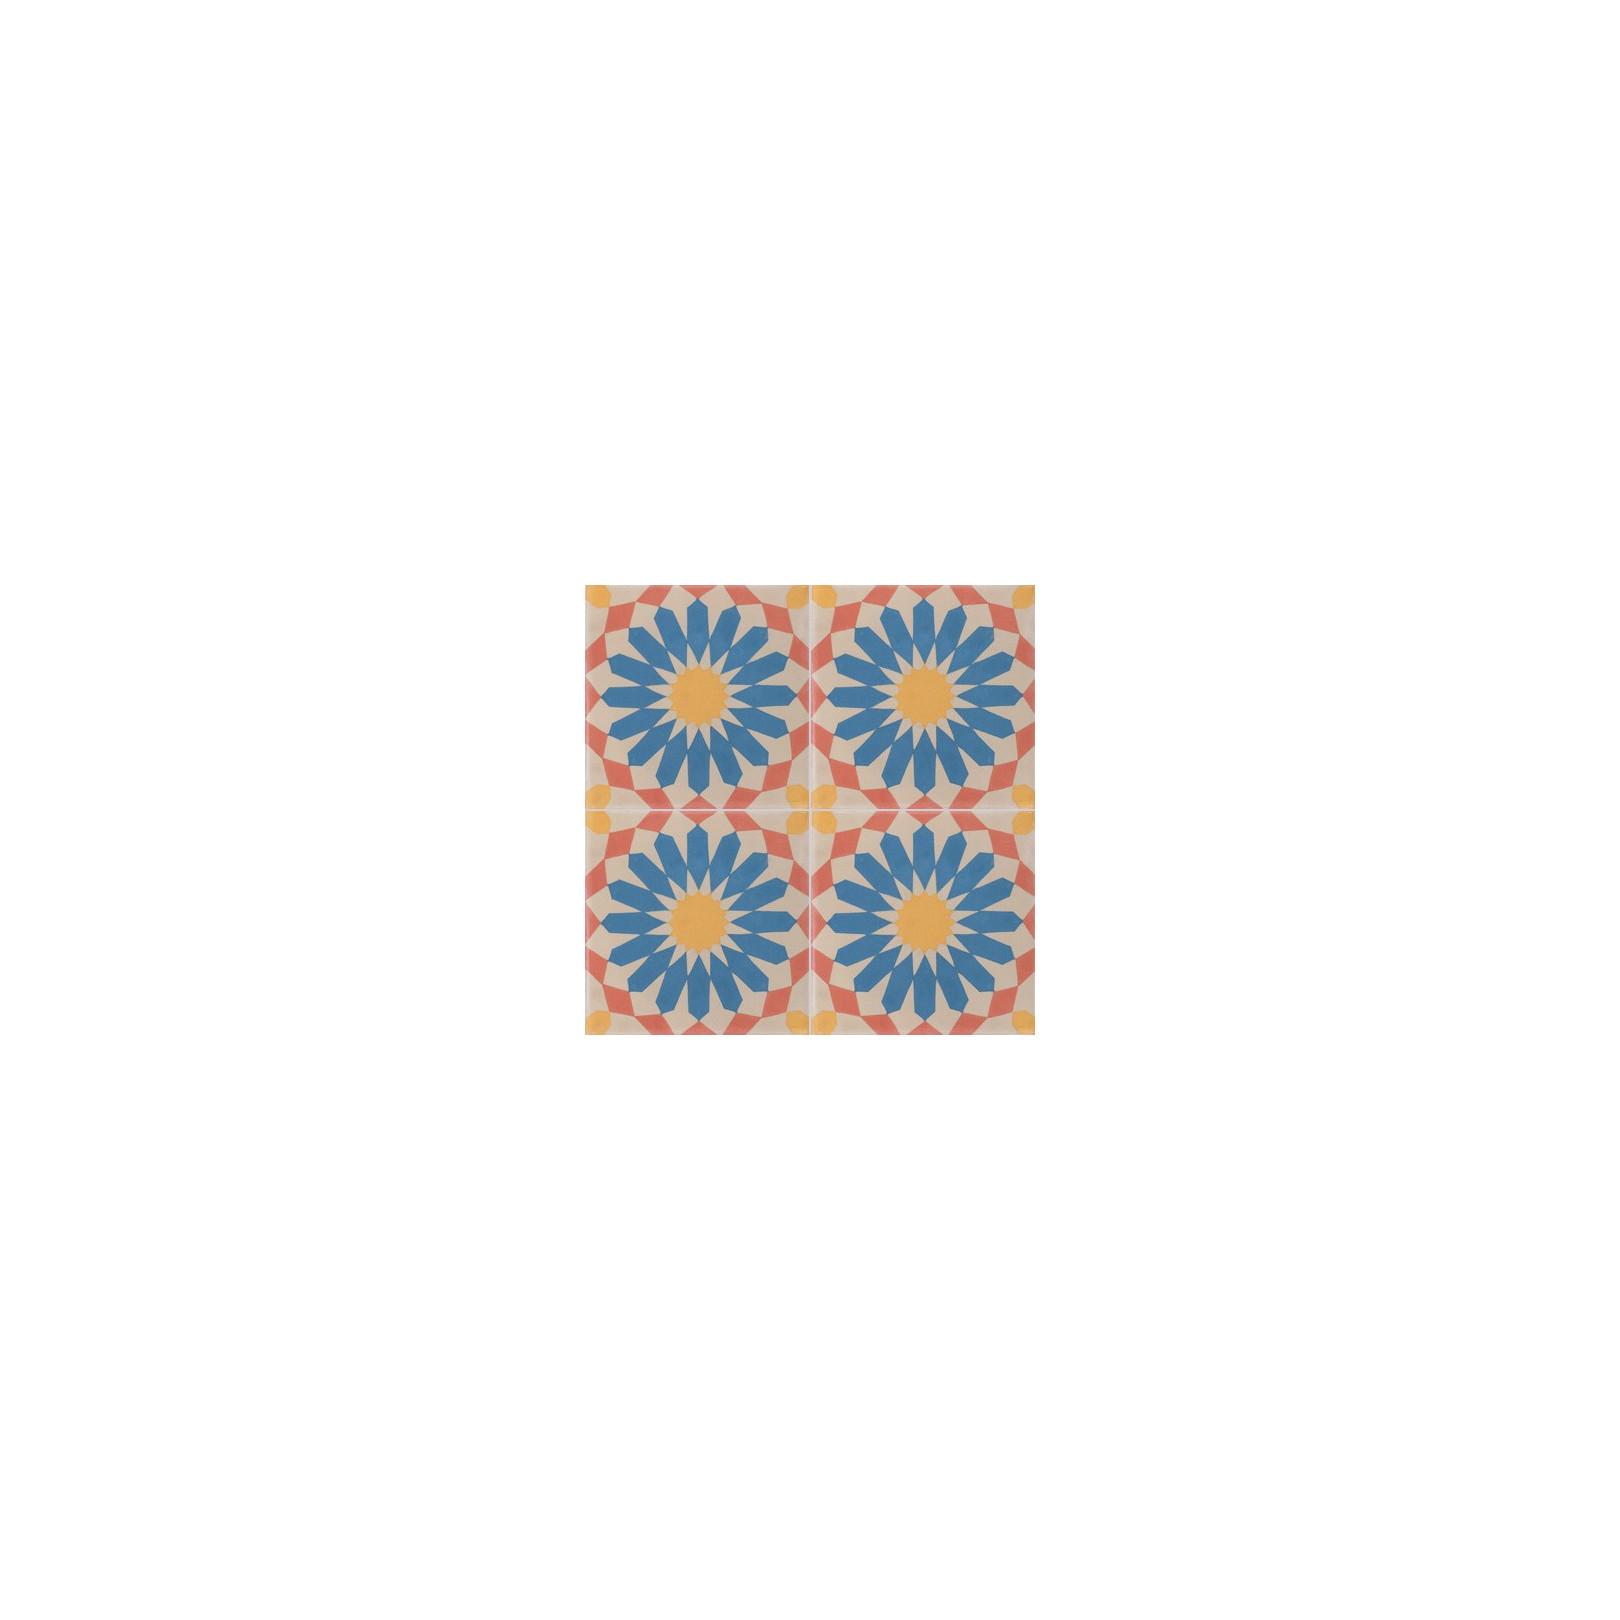 Carreau de ciment coloré motif 4 carreaux beige, rouge, jaune et bleu RE 37.14.13.20